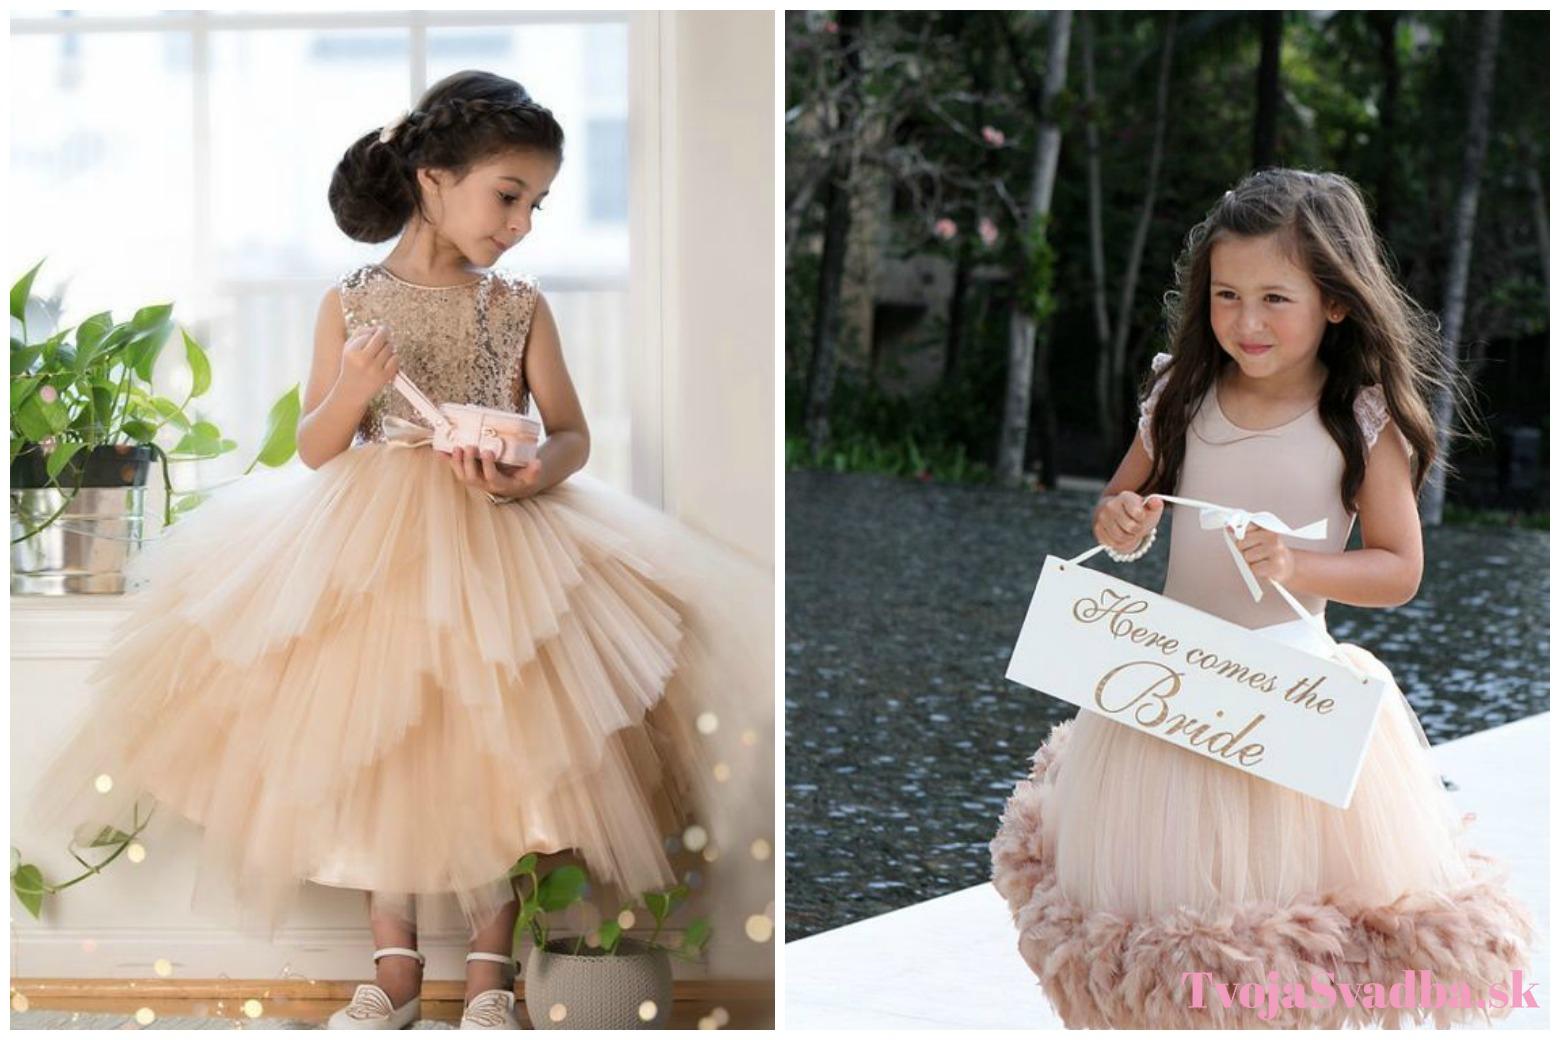 12f6a7520465 Svadba a deti  Aj ty budeš mať deti na svadbe  Zisti